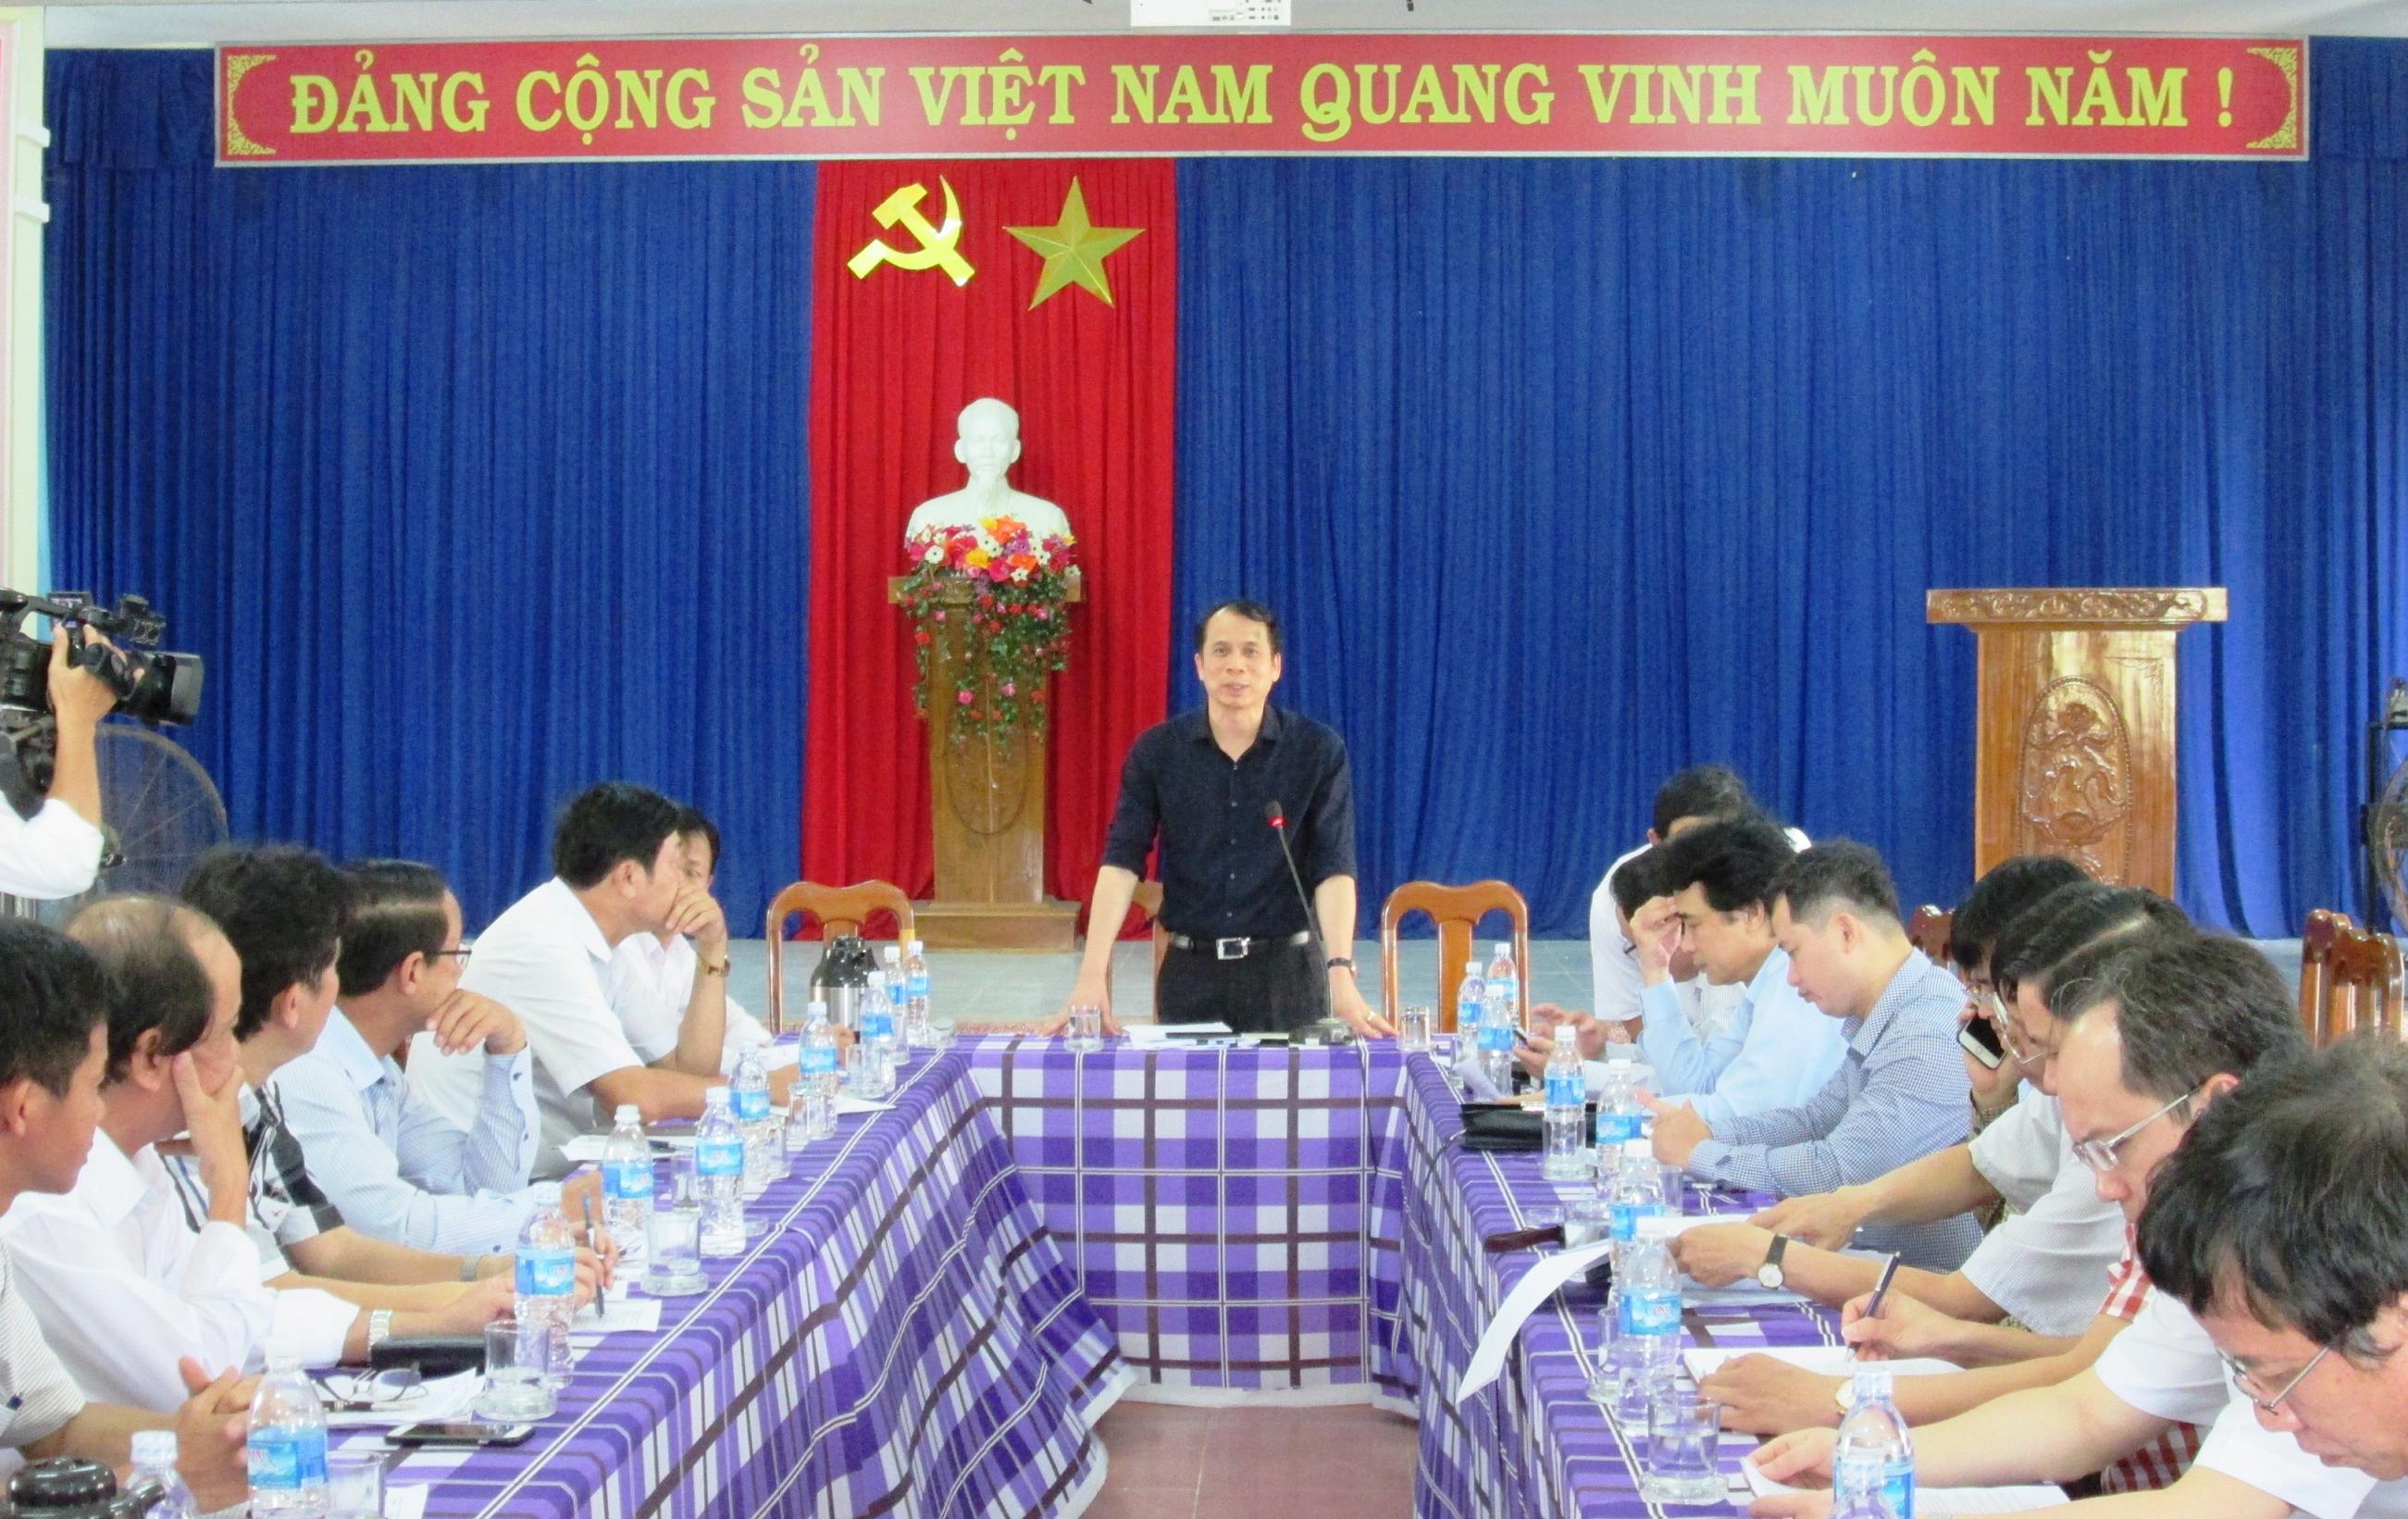 Thứ trưởng Bộ GD-ĐT Phạm Mạnh Hùng phát biểu tại cuộc làm việc với lãnh đạo xã Tam Phú (TP. Tam Kỳ).